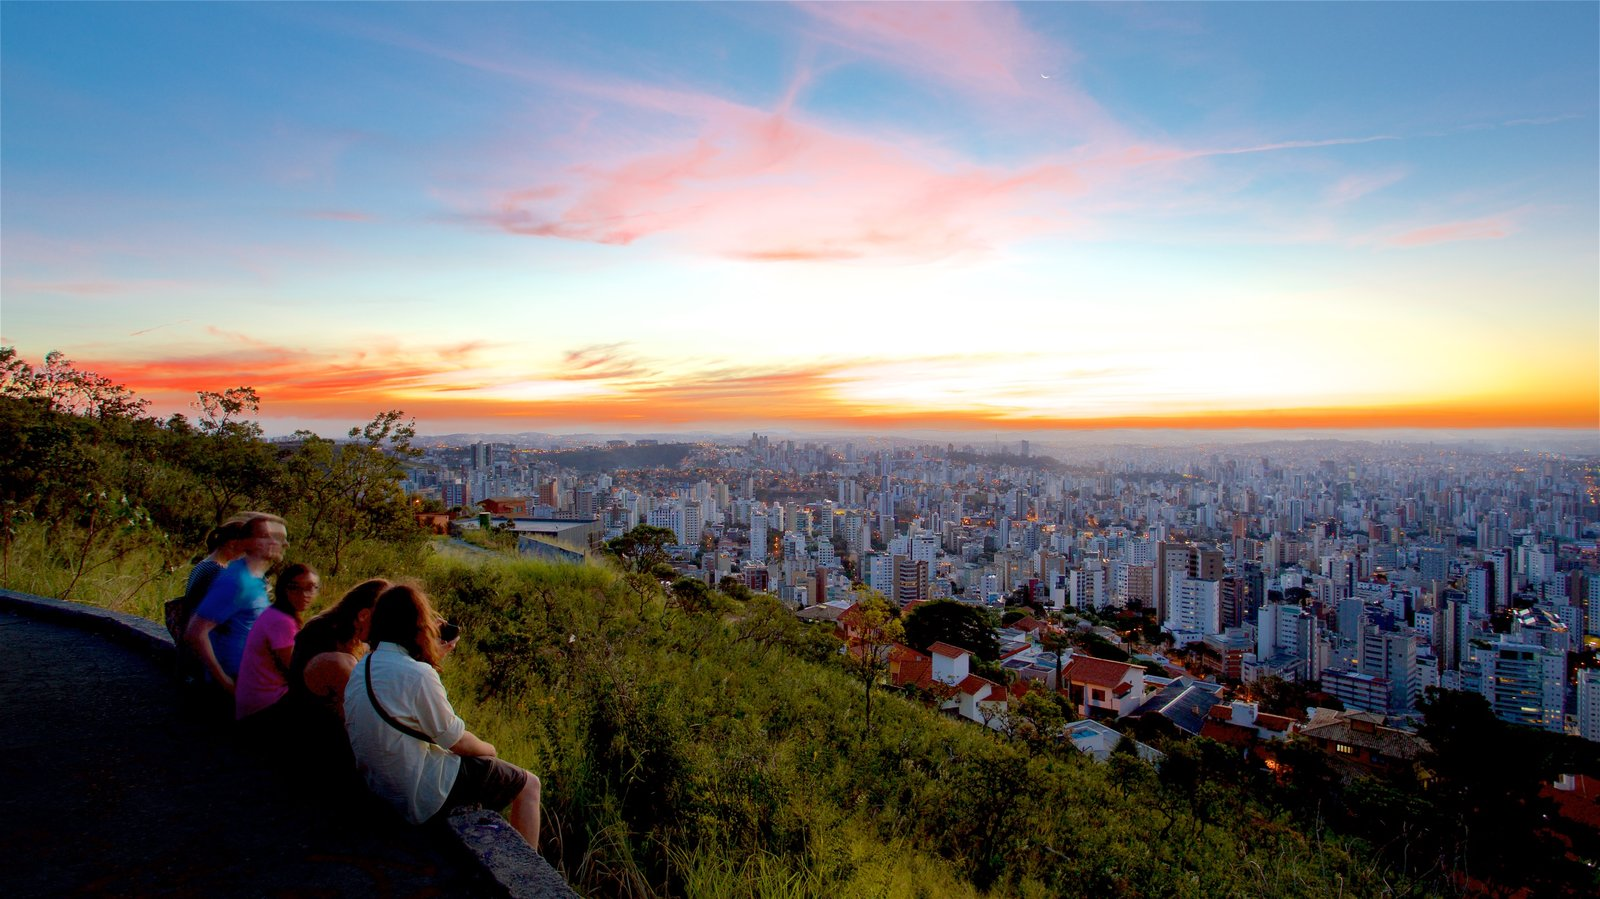 Belo Horizonte que inclui paisagem, uma cidade e um pôr do sol